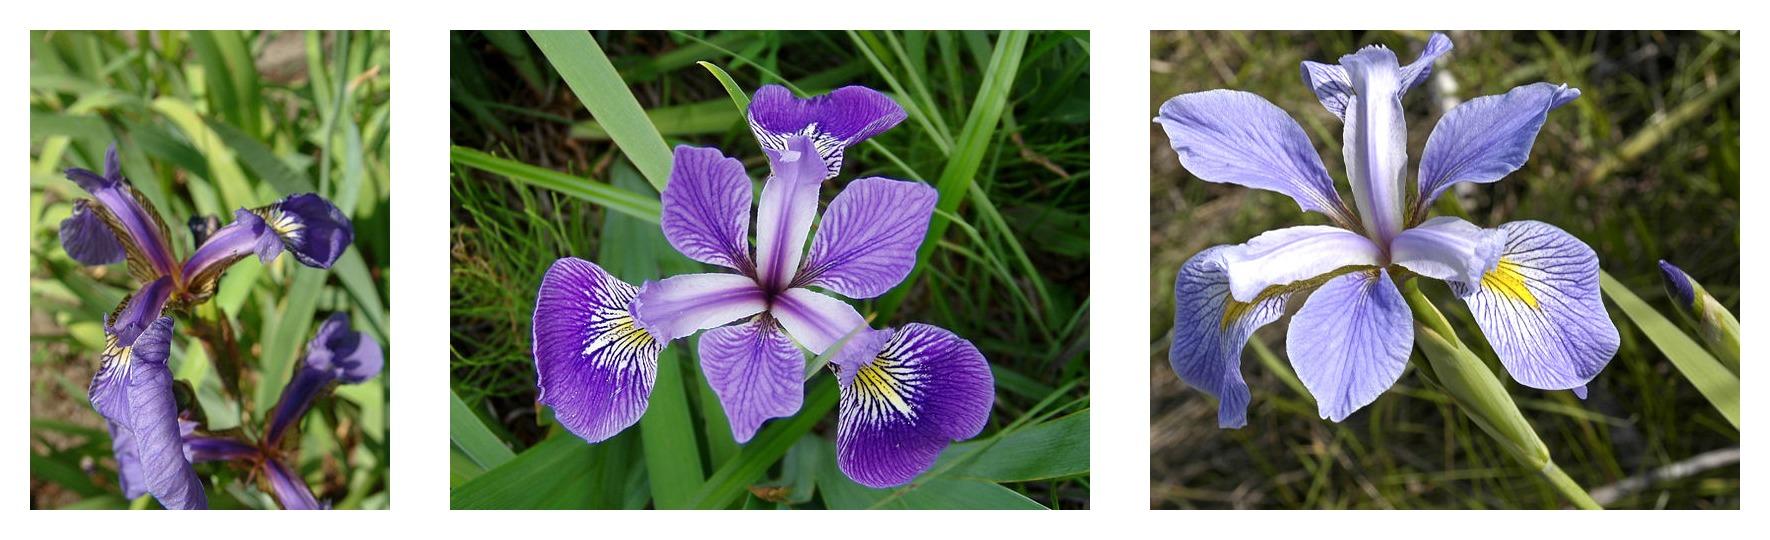 Geometria da pétala comparada para três espécies de íris: Iris setosa, Iris virginica e Iris versicolor